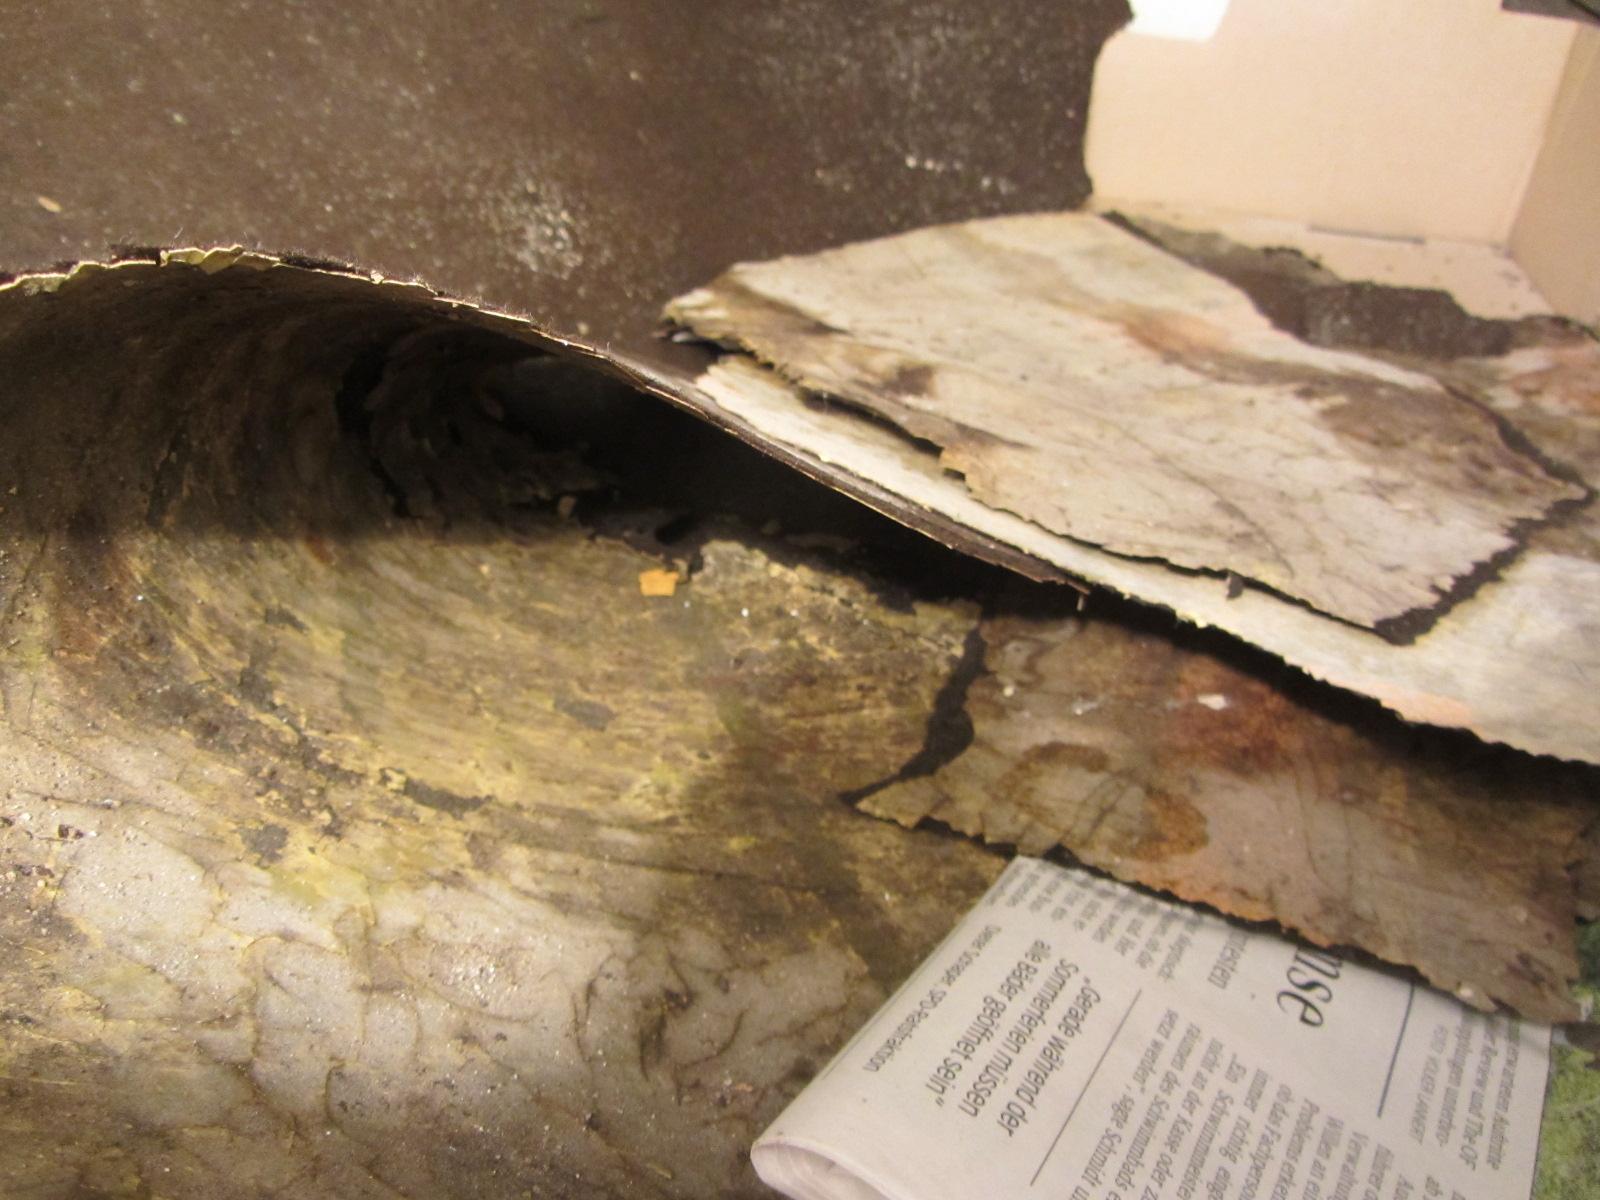 Extrem Asbest in Bodenbelag wie erkennen? Mit Fotos. YT25